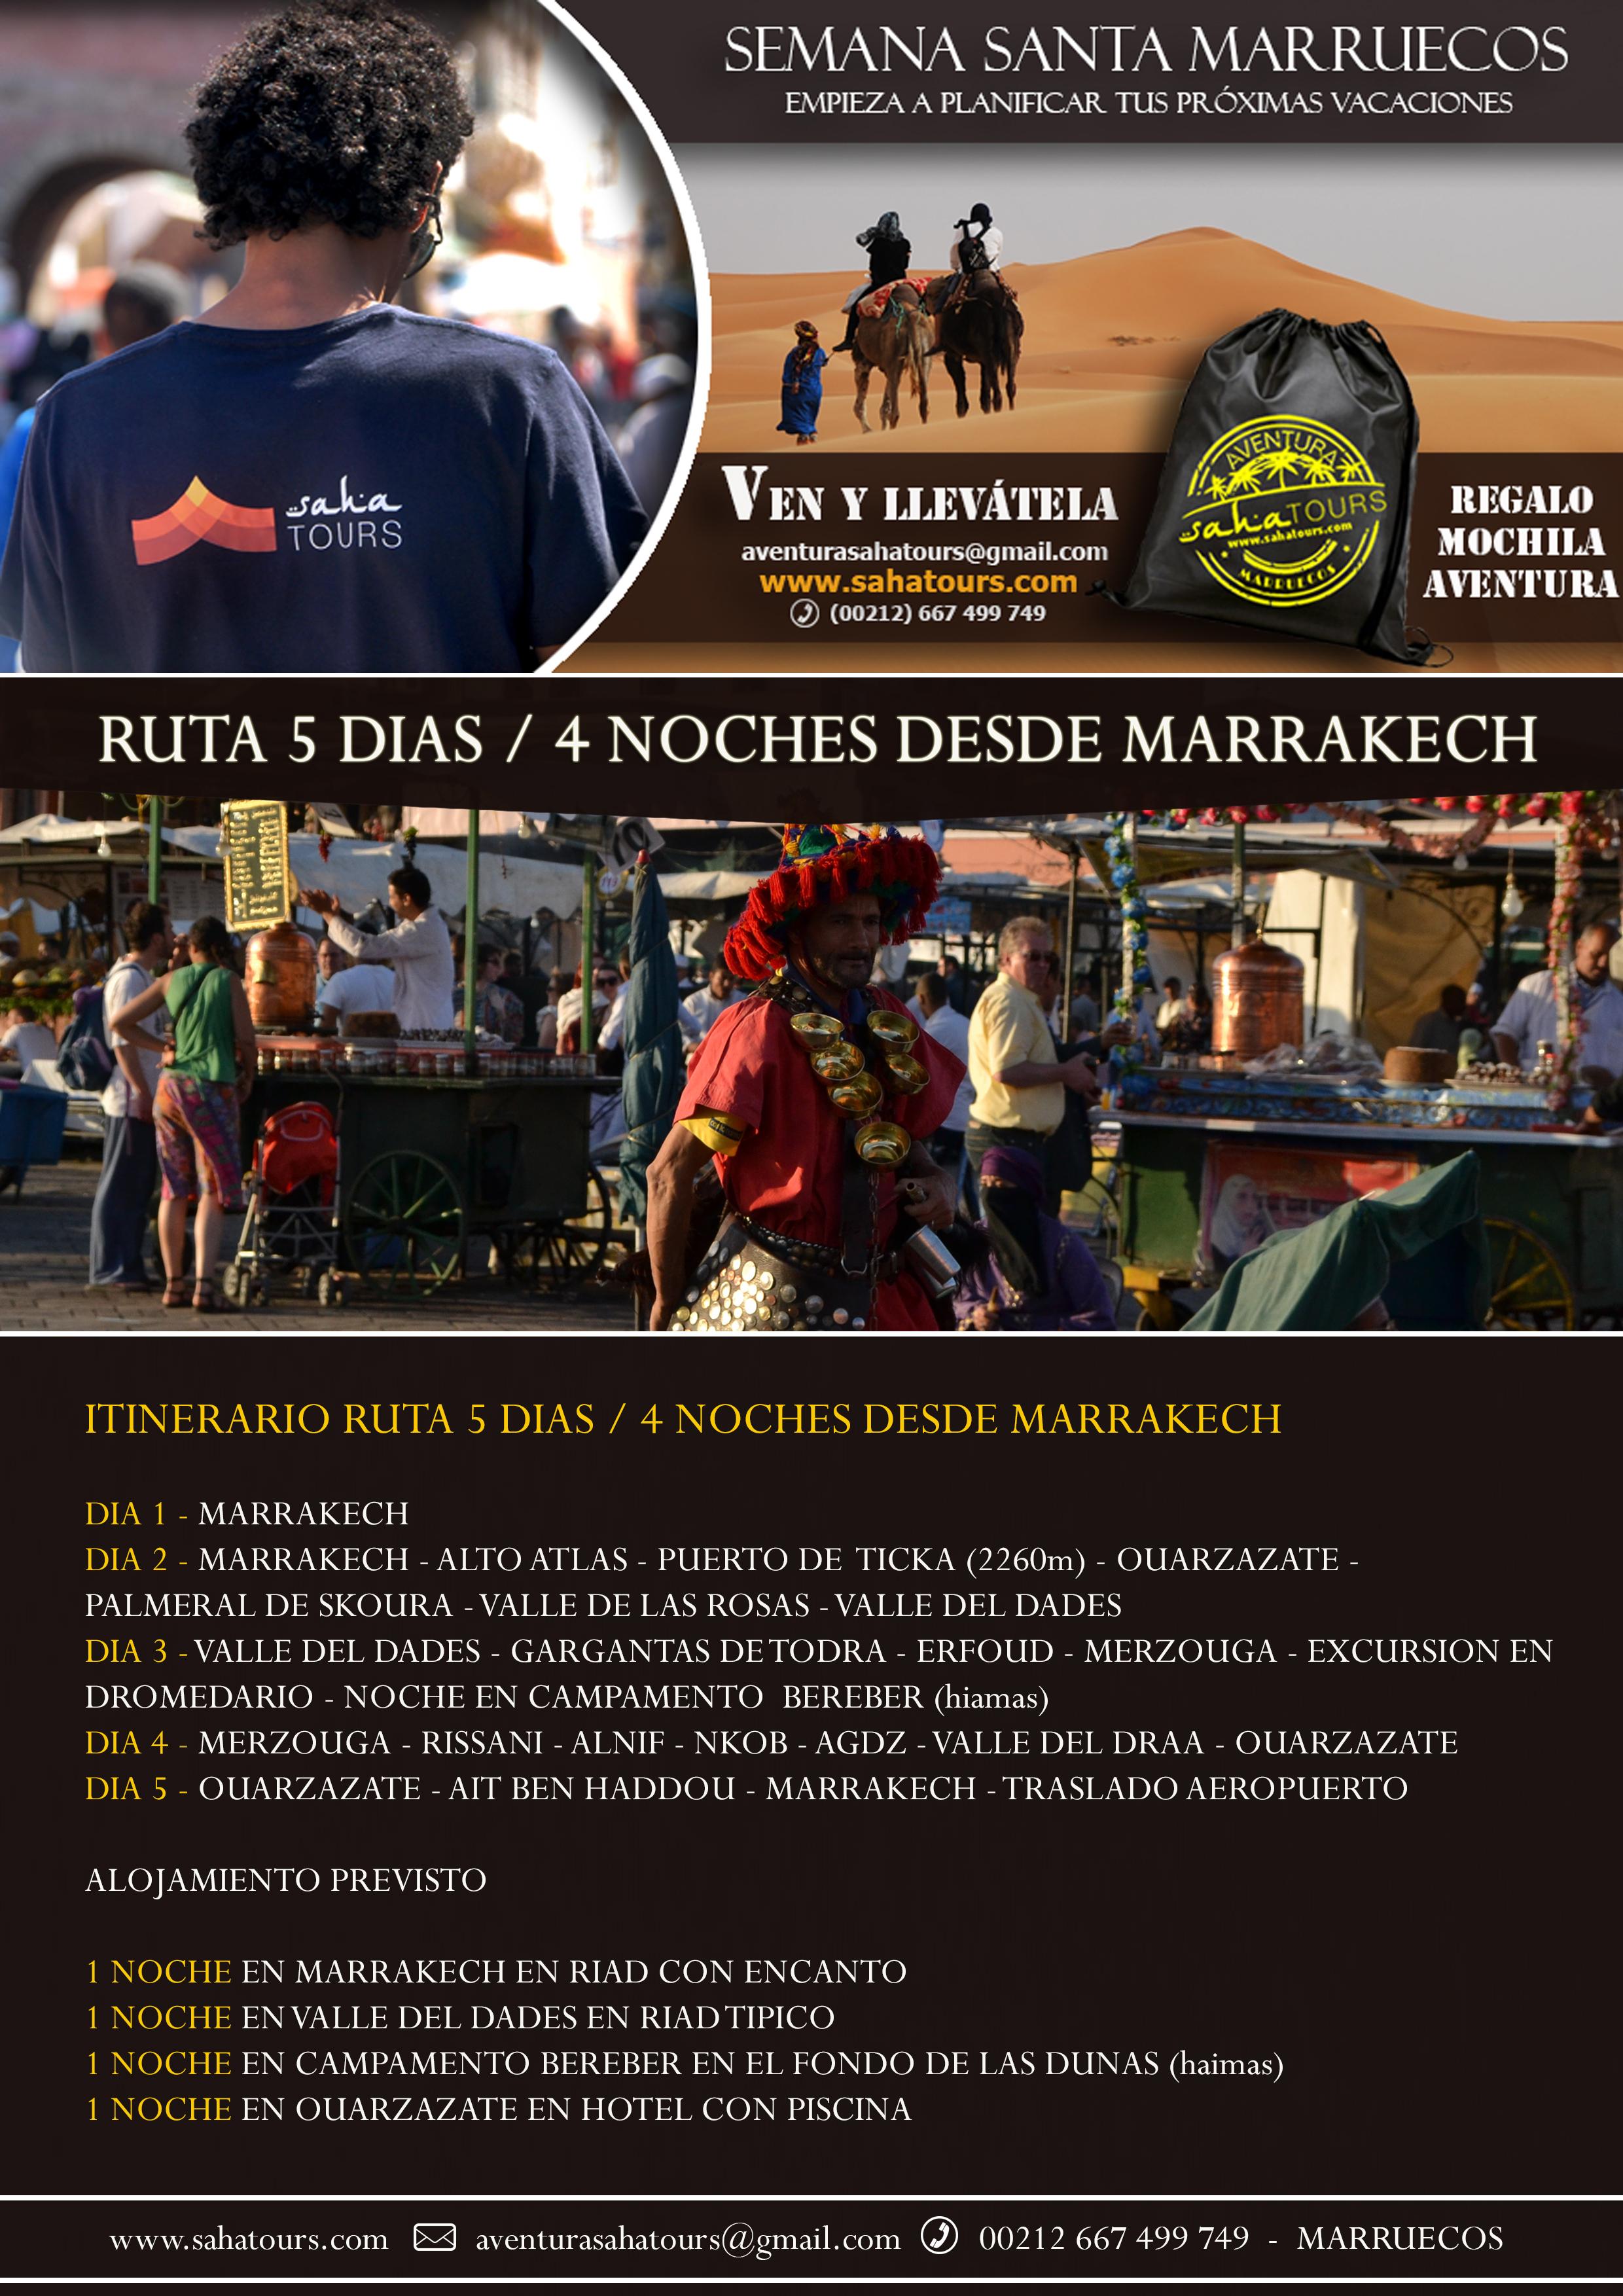 SEMANA SANTA MARRUECOS - RUTA 5 DIAS / 4 NOCHES DESDE MARRAKECH 1